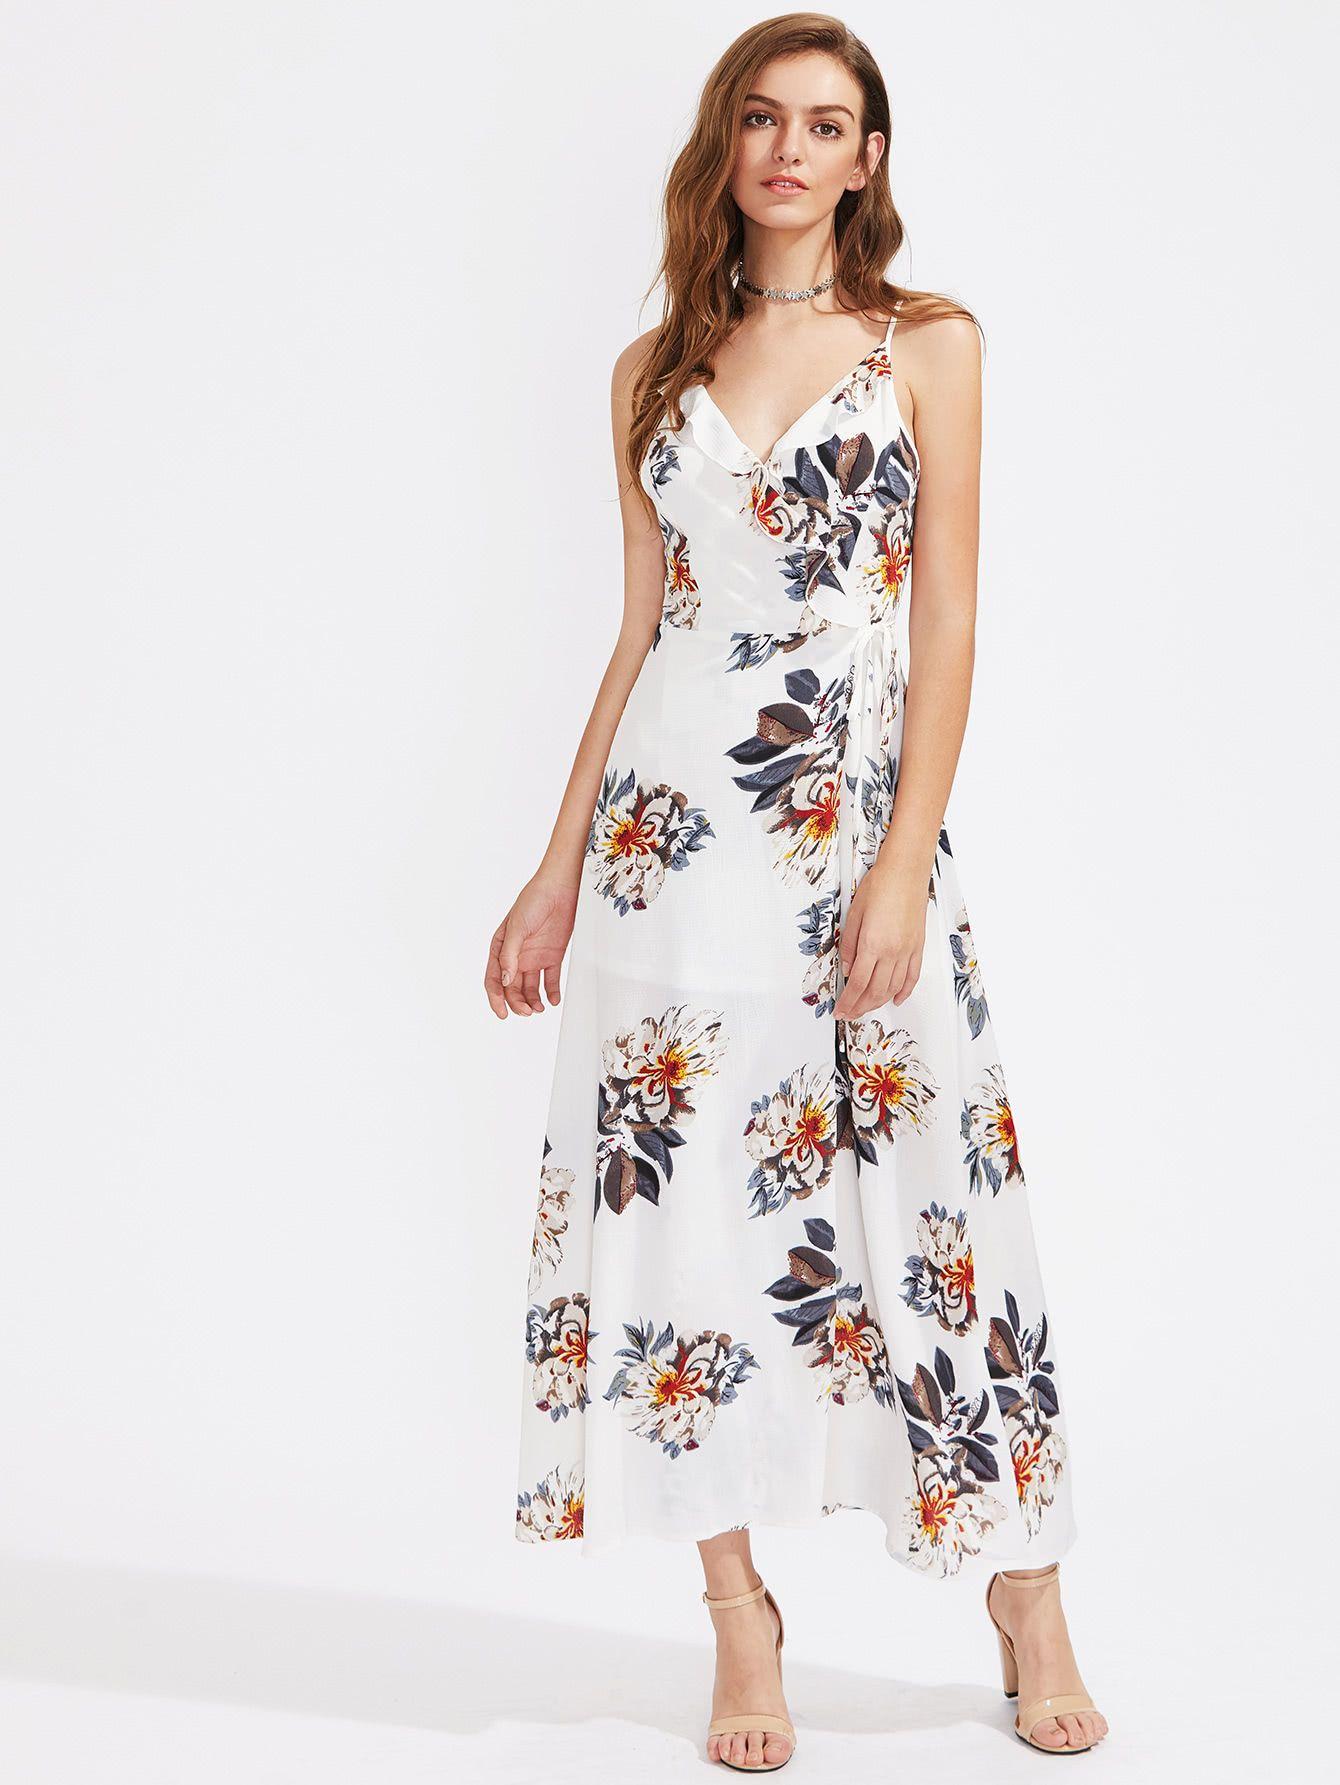 bd5364f0354c7 ¡Consigue este tipo de vestido informal de SheIn ahora! Haz clic para ver  los detalles. Envíos gratis a toda España. Floral Print Frill Trim Cami  Dress  ...